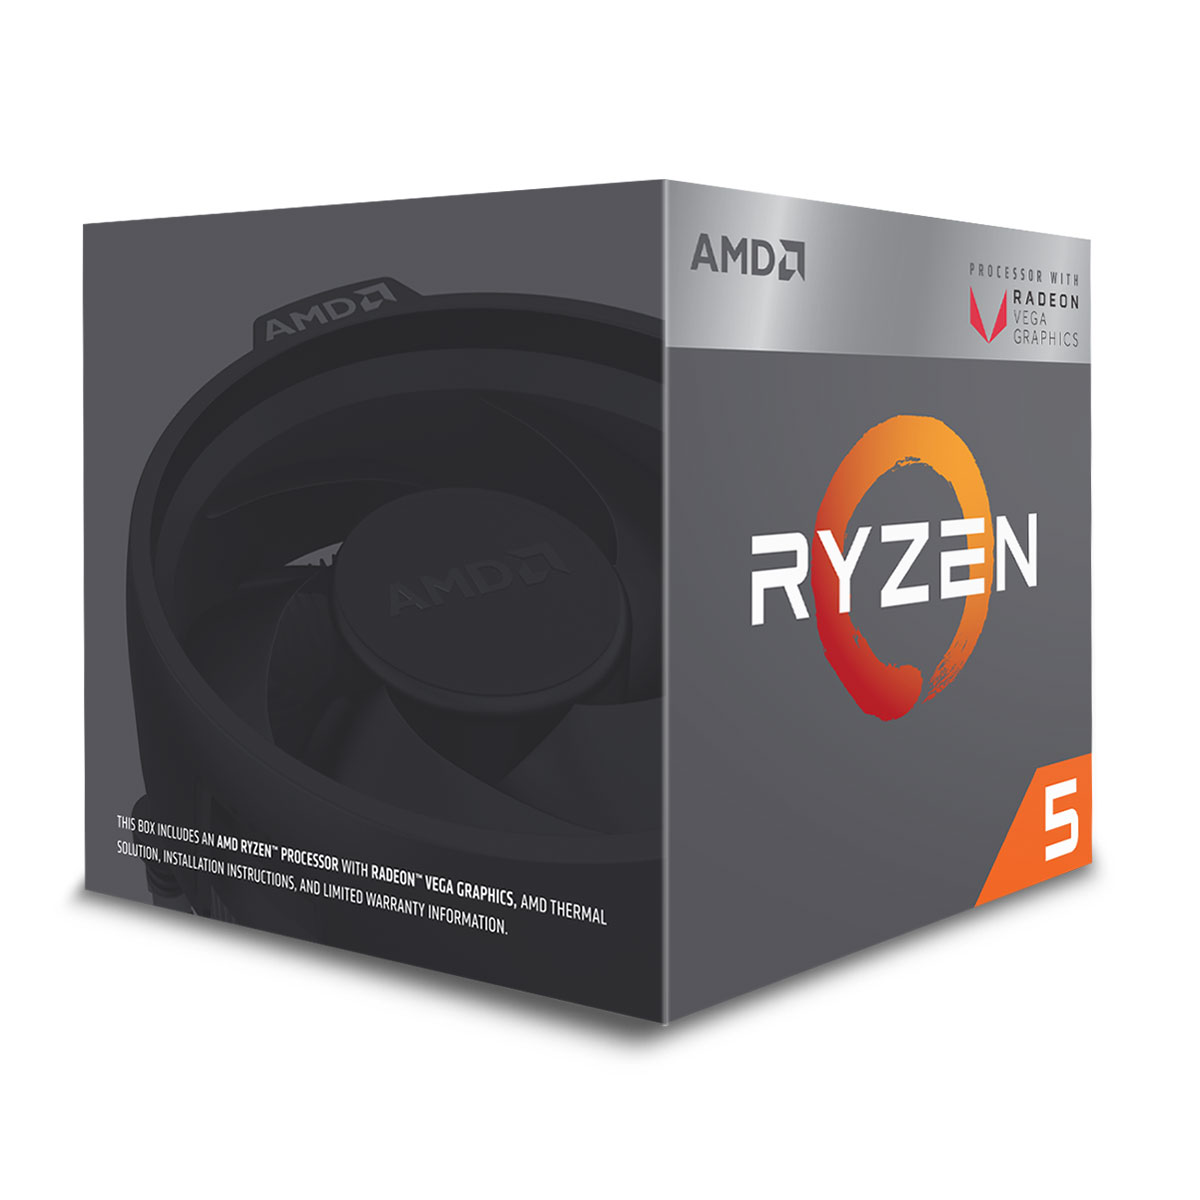 Processeur AMD Ryzen 5 2400G Wraith Stealth Edition (3.6 GHz) avec mise à jour BIOS Processeur Quad Core socket AM4 Cache L3 4 Mo Radeon Vega Graphics 11 Coeurs  0.014 micron TDP 65W avec système de refroidissement (version boîte - garantie constructeur 3 ans)